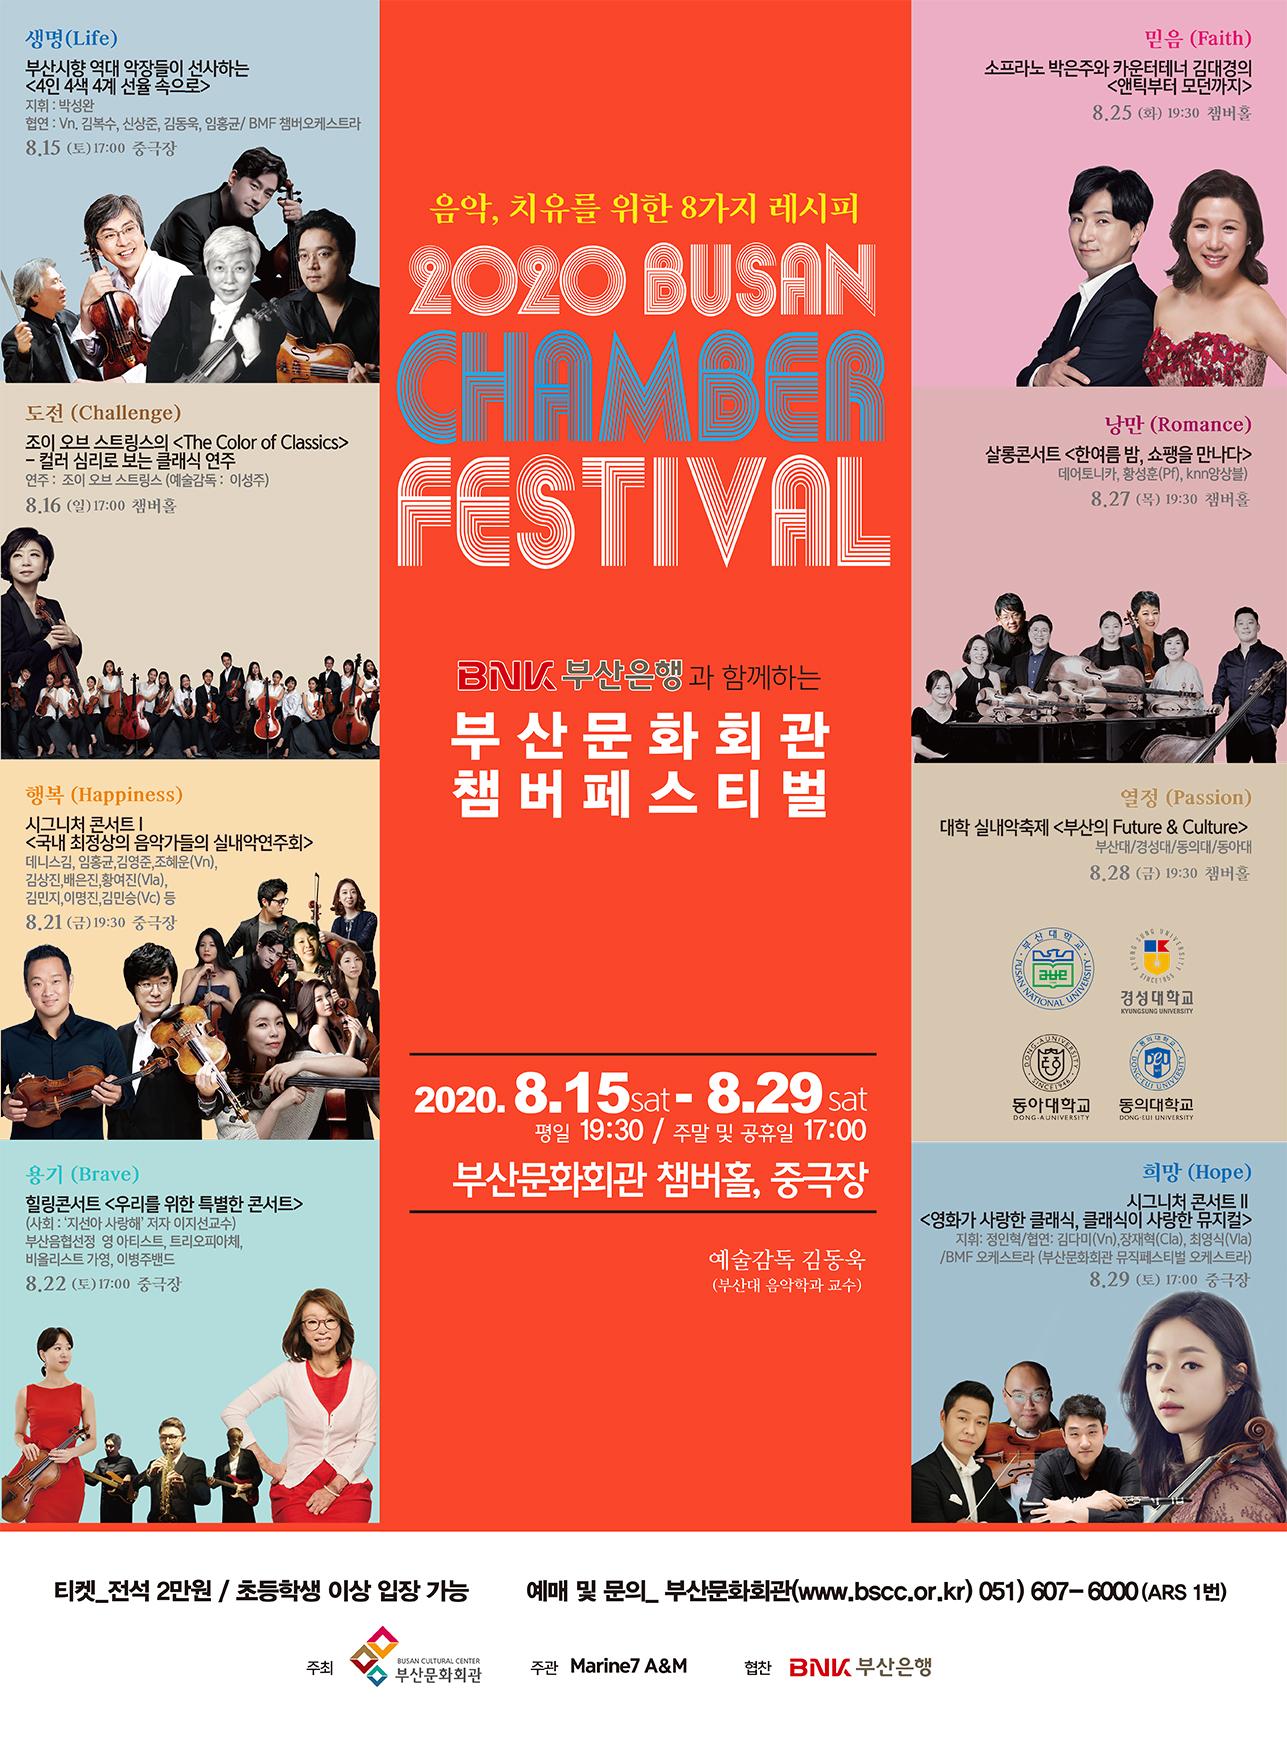 <2020 부산문화회관 챔버페스티벌>'살롱콘서트 - 한여름 밤, 쇼팽을 만나다'